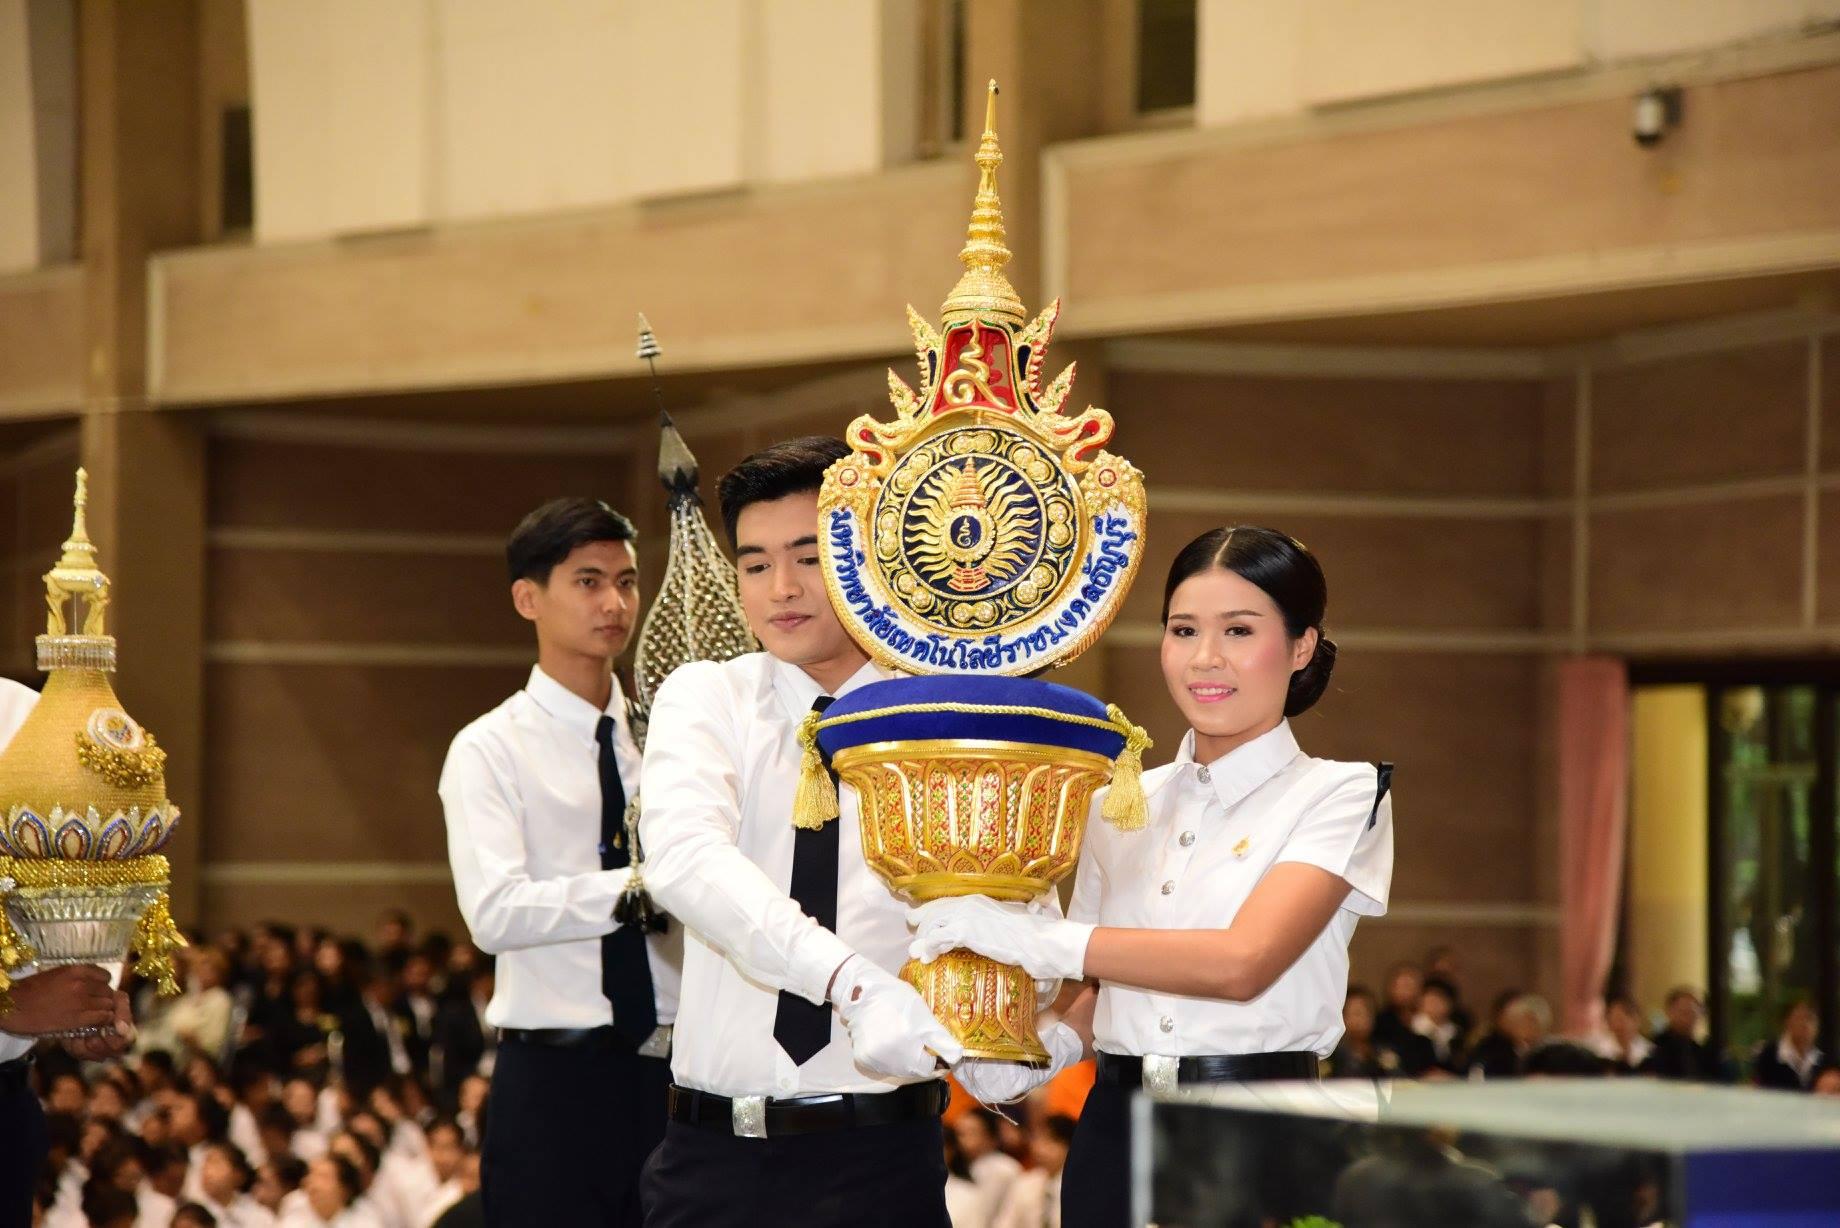 MV เพลงจารึกราชมงคลธัญบุรี